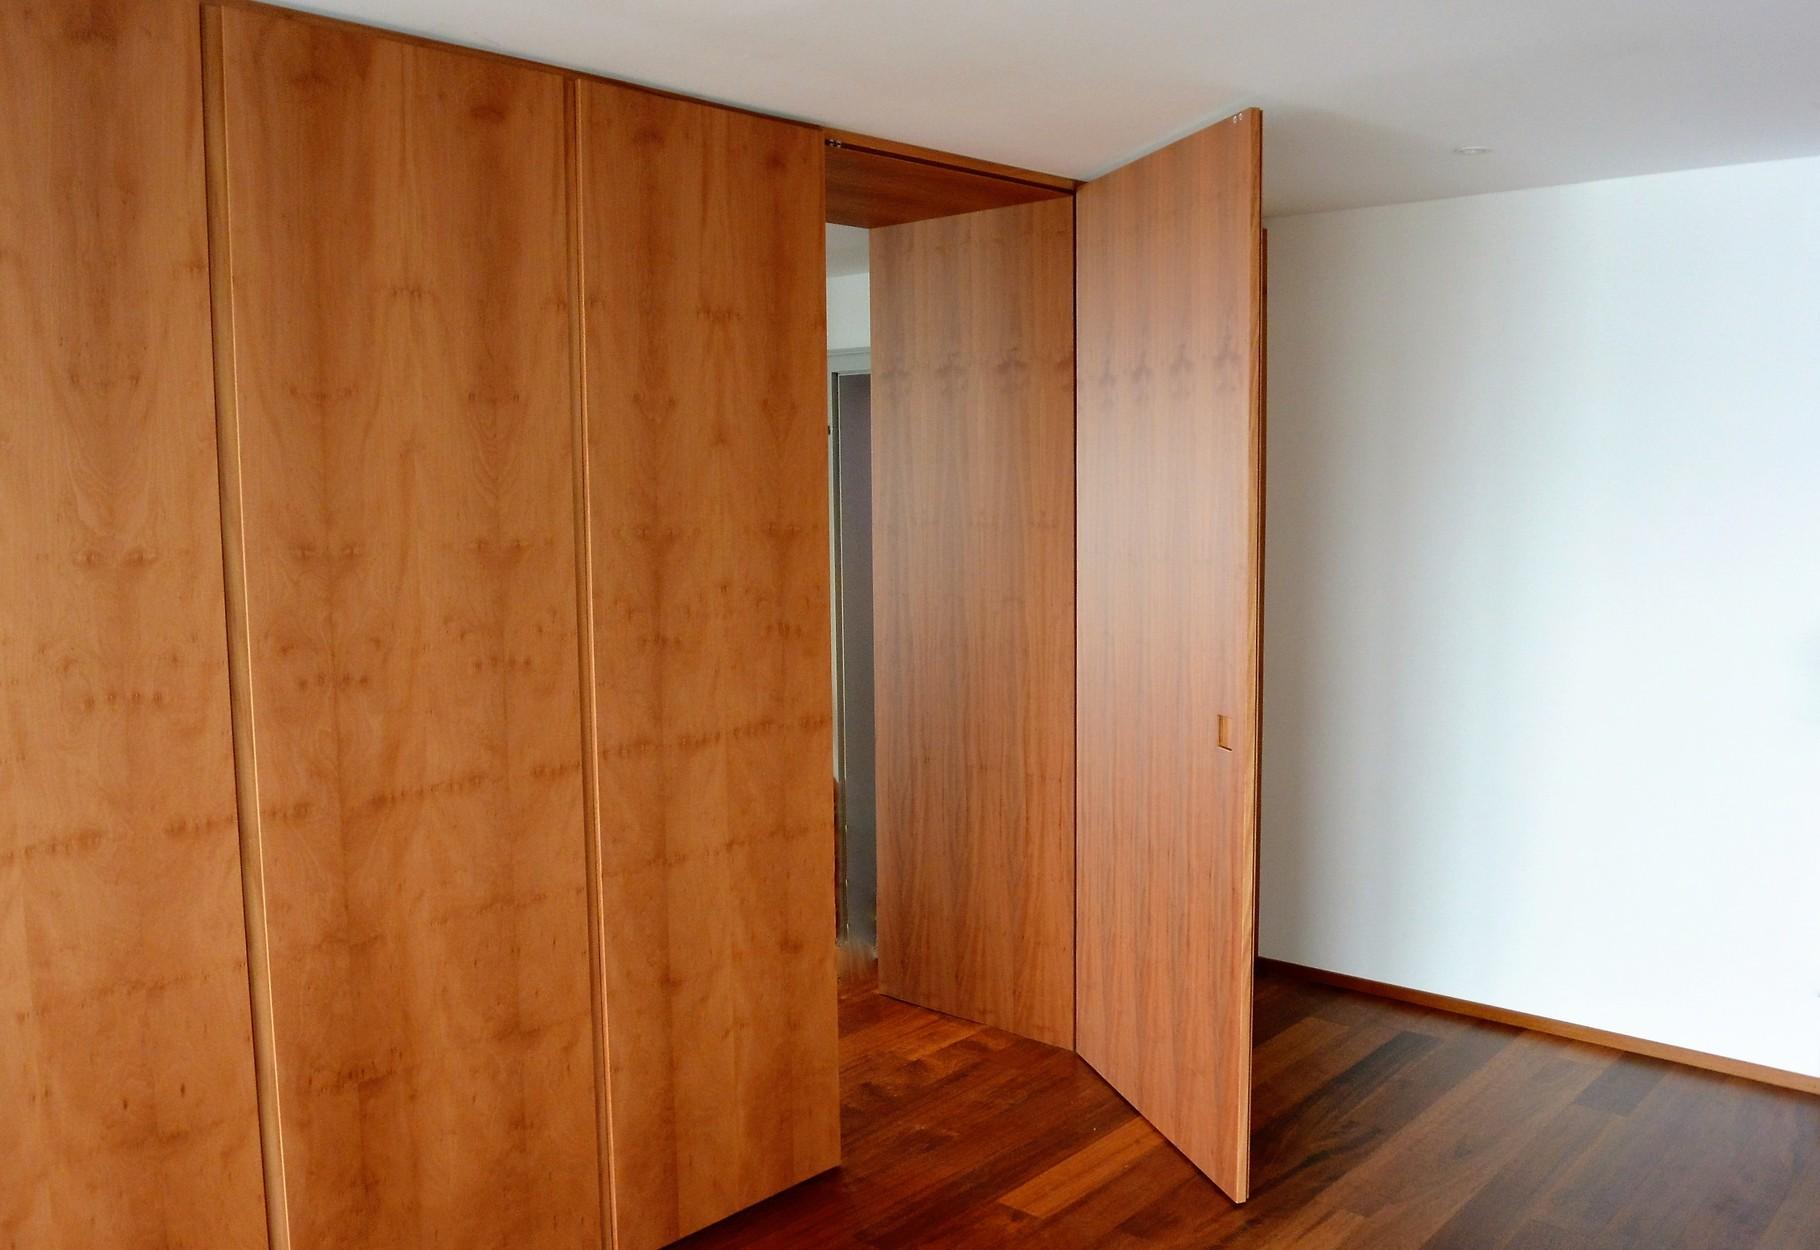 Tür zwischen Küche und Büro - flächenbündig mit der Küchenfront